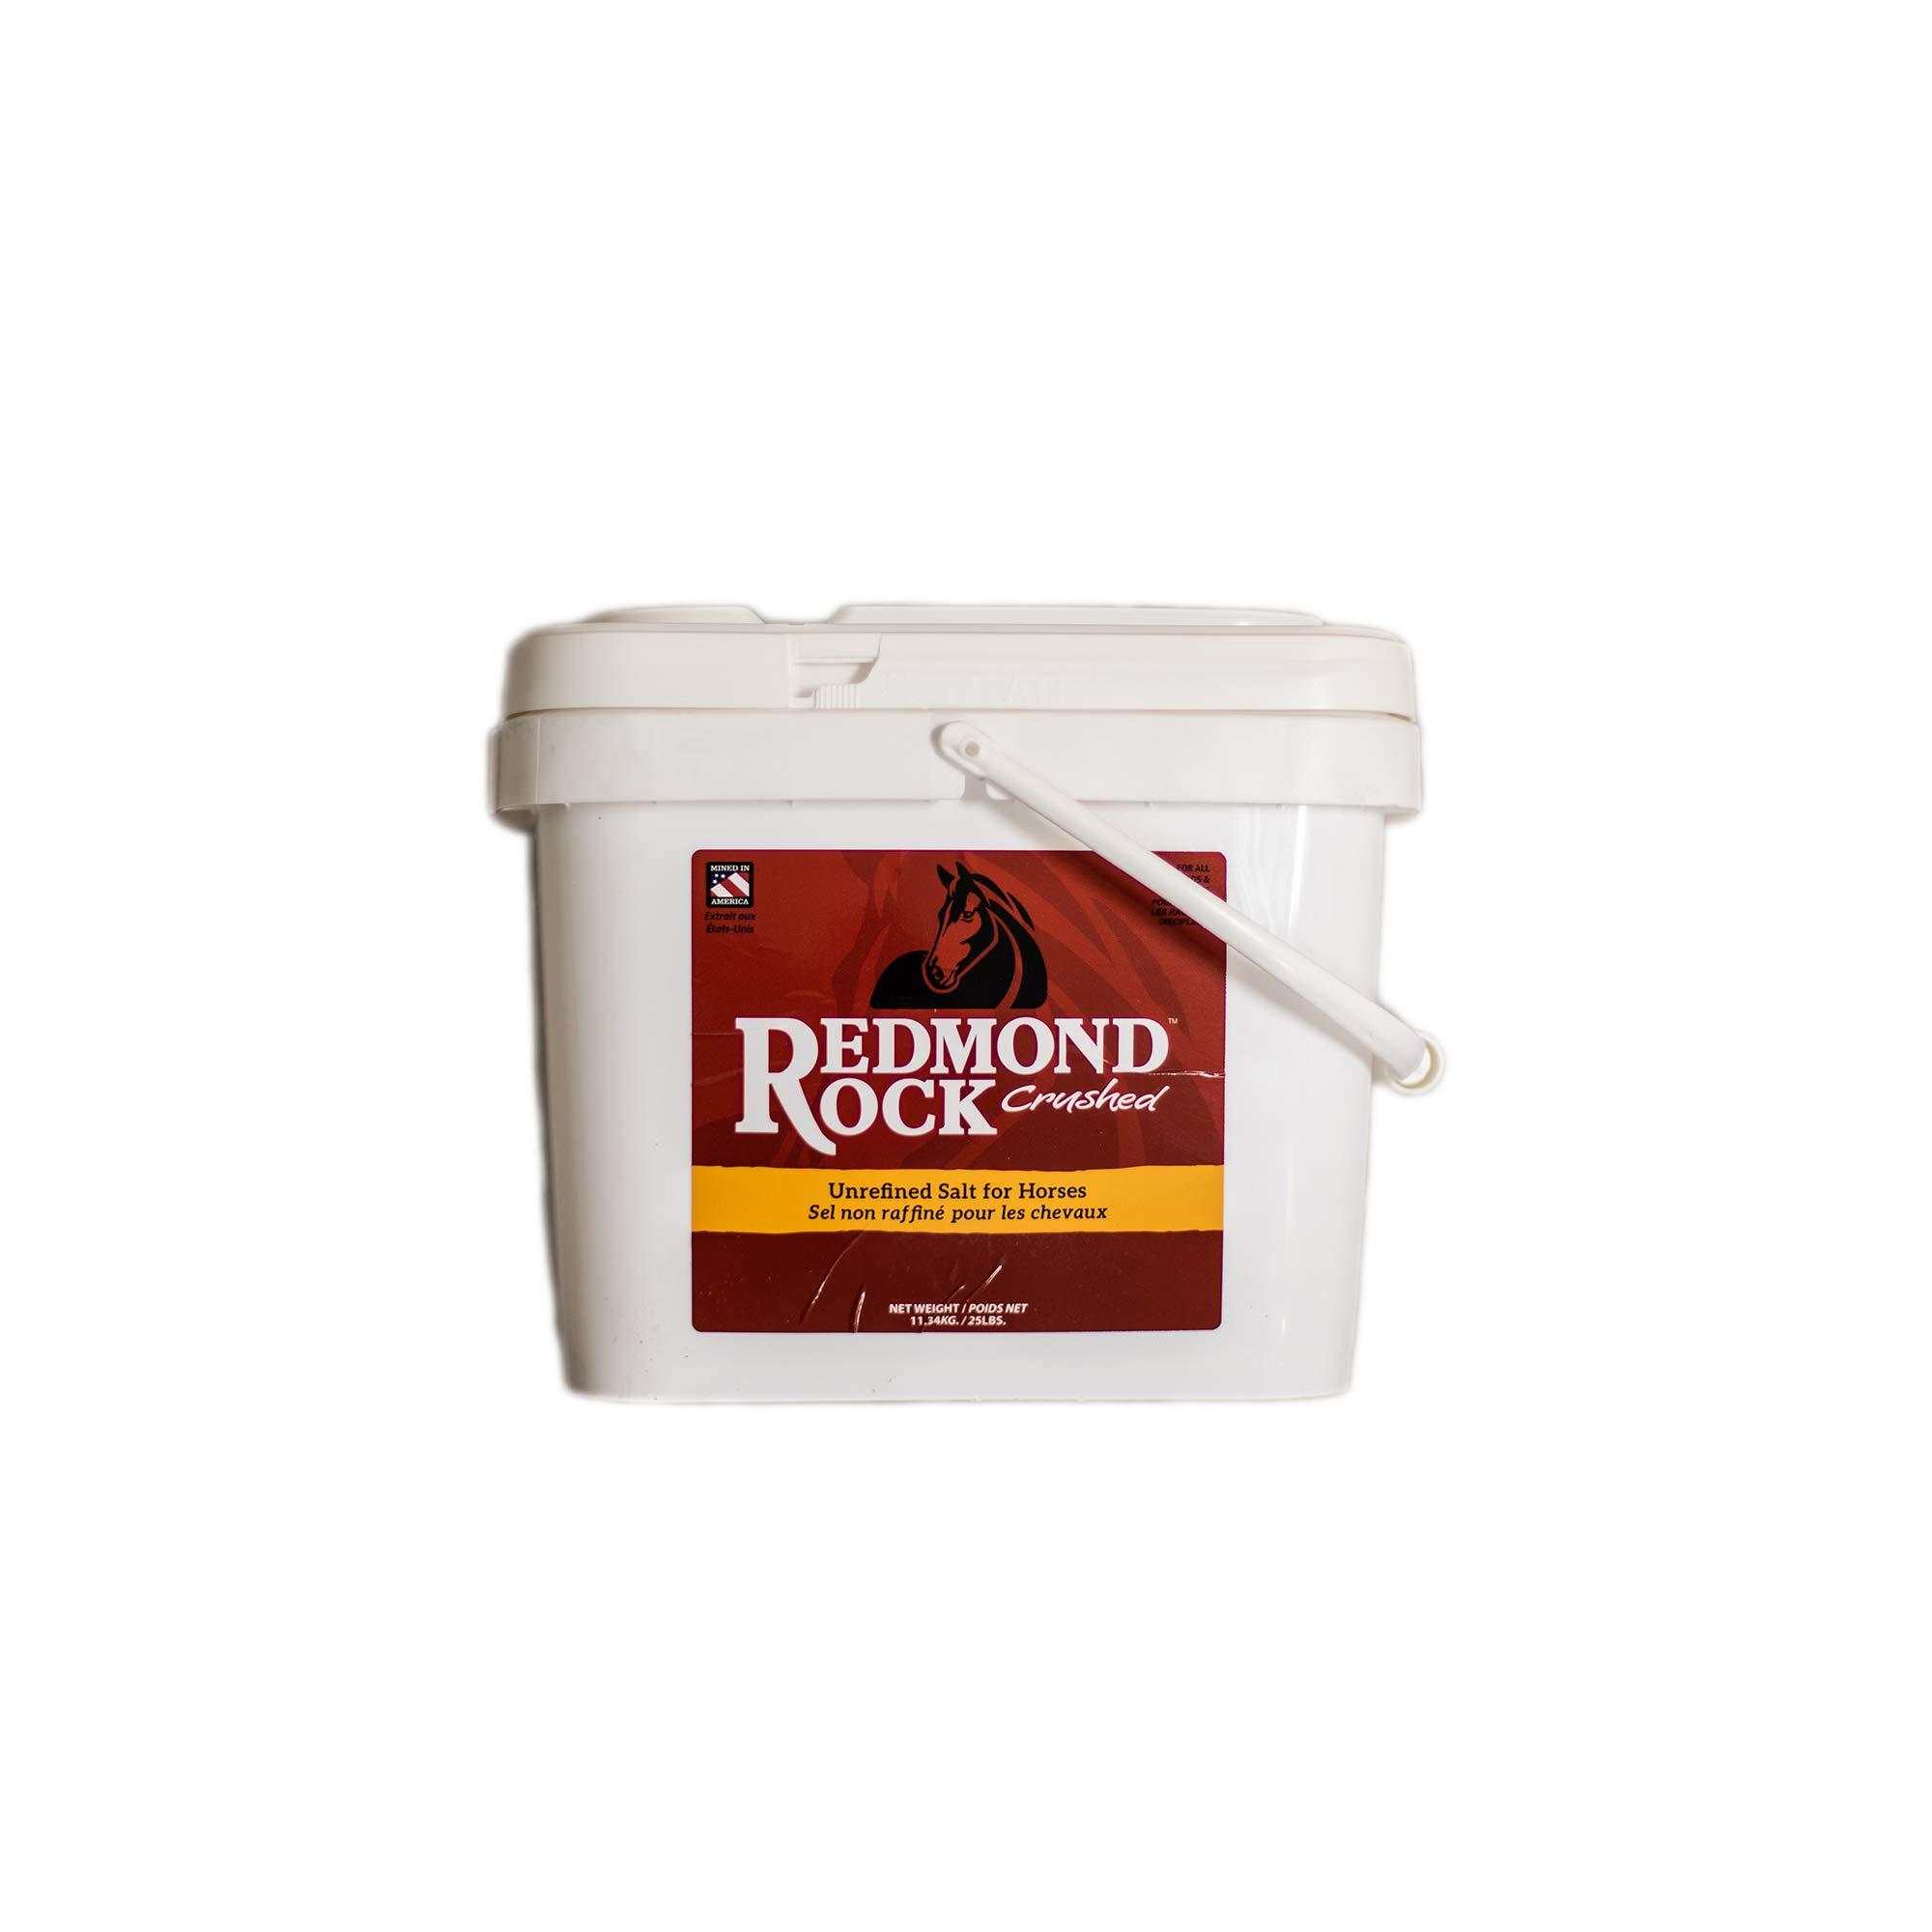 Redmond - Rock Crushed Loose Mineral Salt for Horses, 25 lb. bag by REDMOND